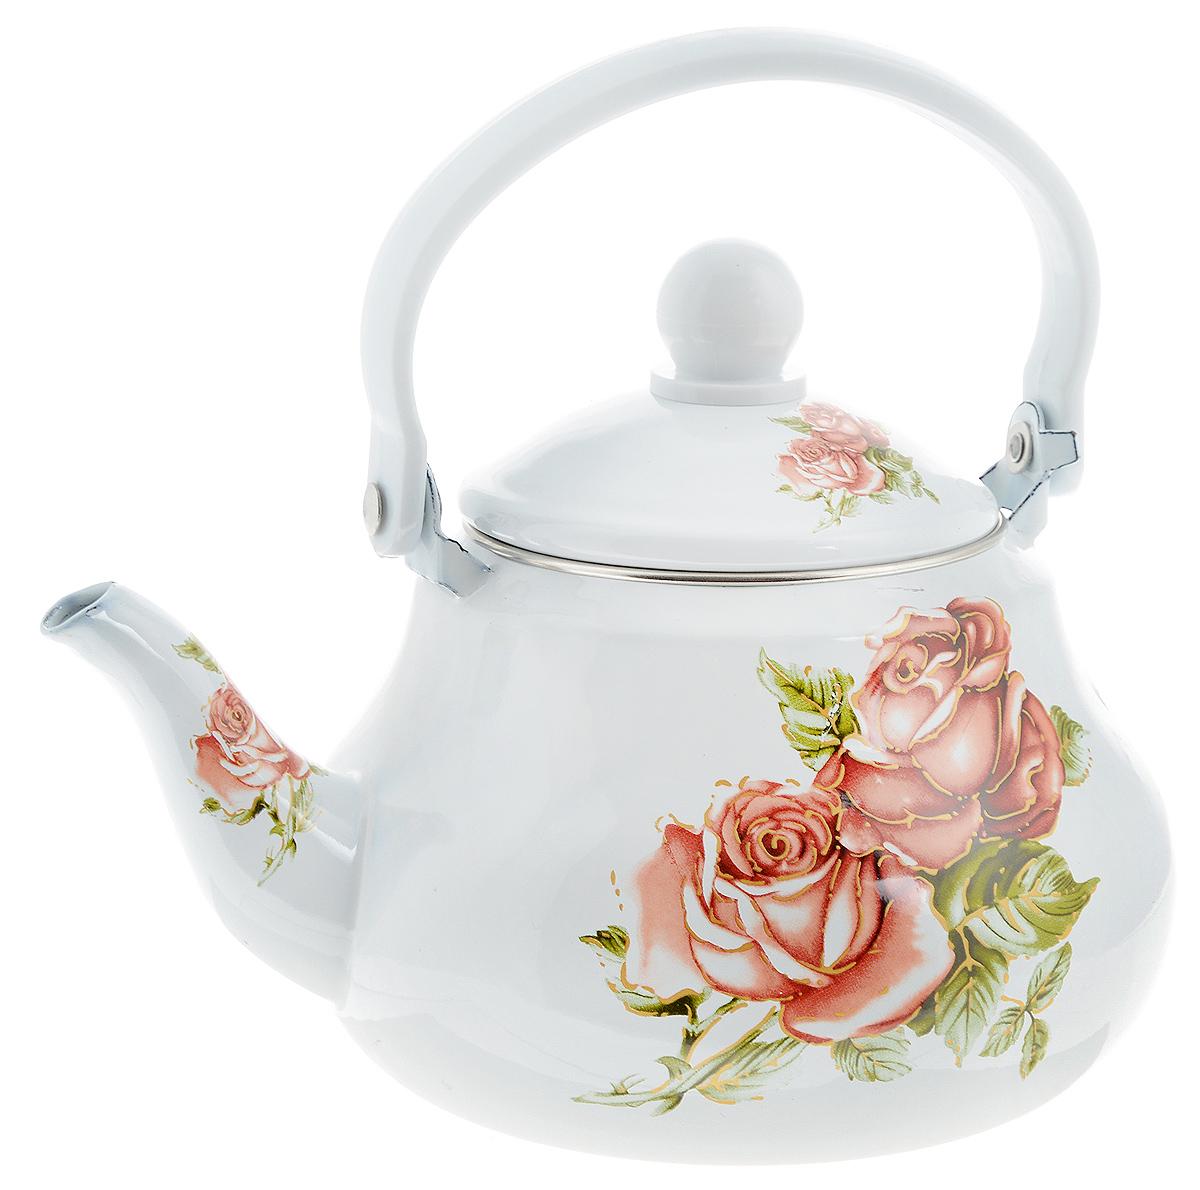 Чайник заварочный Mayer & Boch Яркие розы, 1,5 л25618Заварочный чайник Mayer & Boch Яркие розы изготовлен из высококачественной углеродистой стали с эмалированным покрытием. Такое покрытие защищает сталь от коррозии, придает посуде гладкую стекловидную поверхность и надежно защищает от кислот и щелочей. Изделие прекрасно подходит для заваривания вкусного и ароматного чая, травяных настоев. Чайник оснащен сетчатым фильтром, который задерживает чаинки и предотвращает их попадание в чашку. Оригинальный дизайн сделает чайник настоящим украшением стола. Он удобен в использовании и понравится каждому. Подходит для использования на газовых, стеклокерамических, электрических, галогеновых и индукционных плитах. Можно мыть в посудомоечной машине. Диаметр чайника (по верхнему краю): 9,5 см. Высота чайника (без учета крышки): 11 см. Толщина стенок: 8 мм.